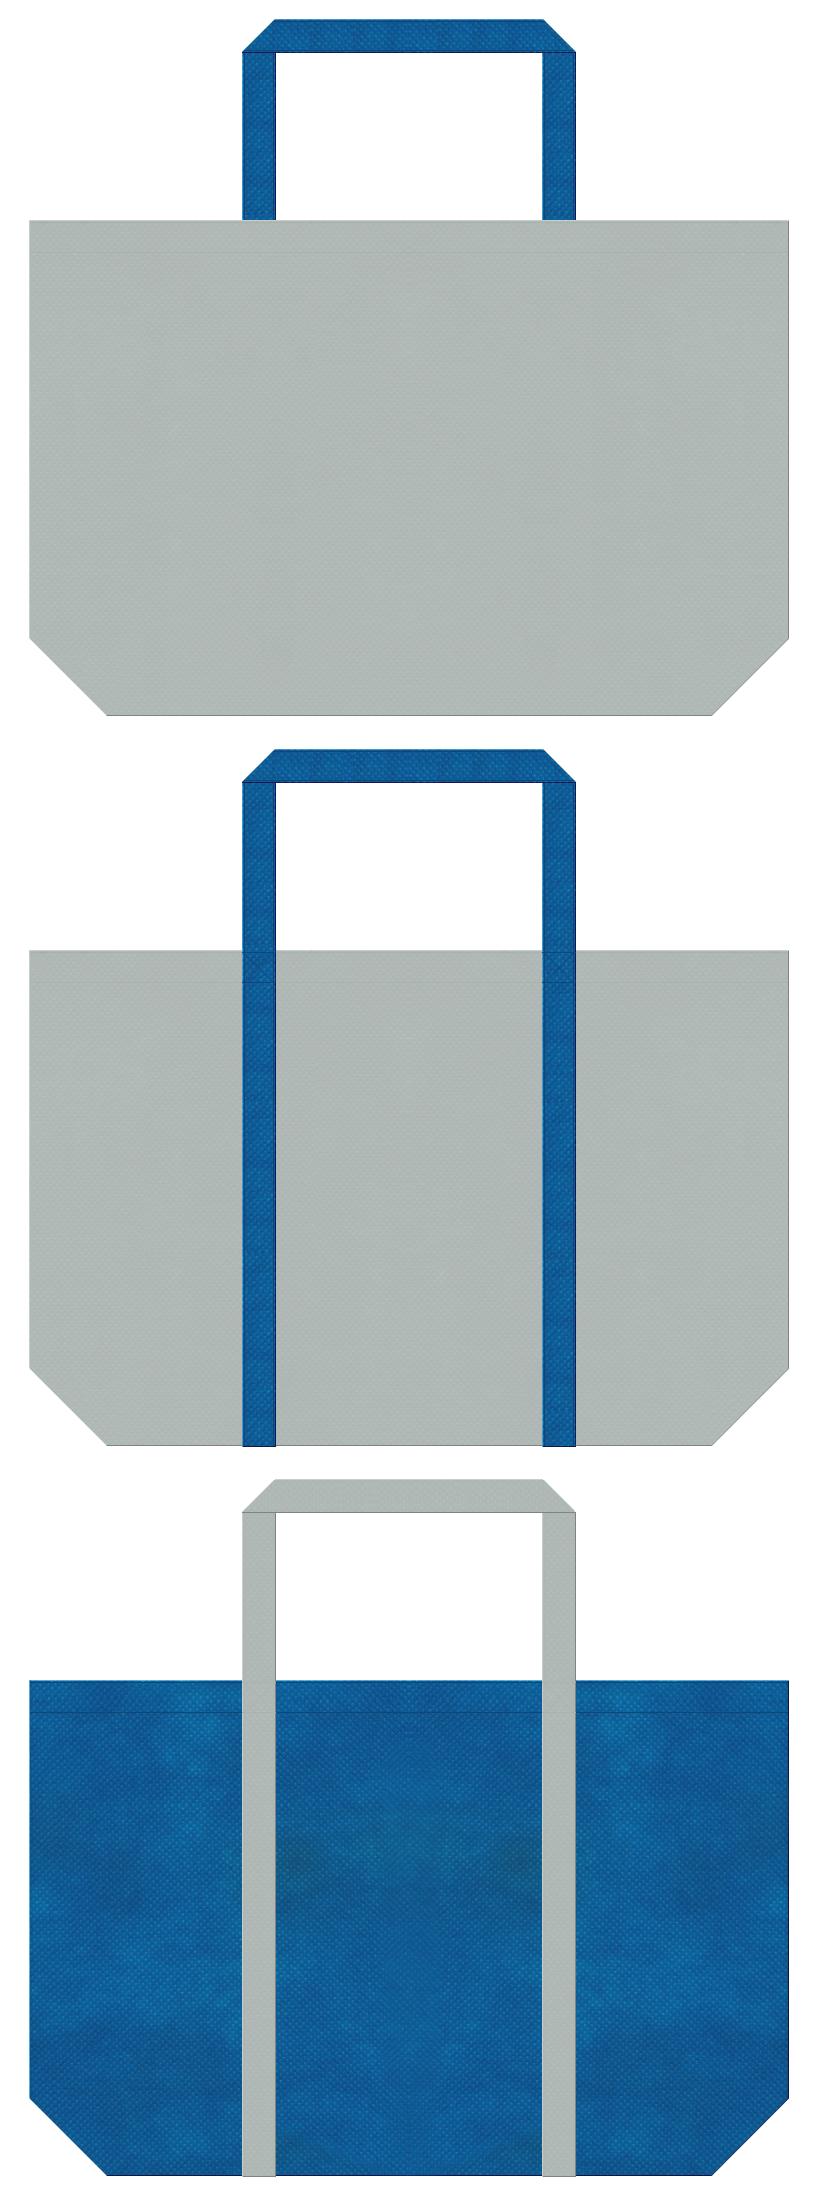 グレー色と青色の不織布エコバッグのデザイン。